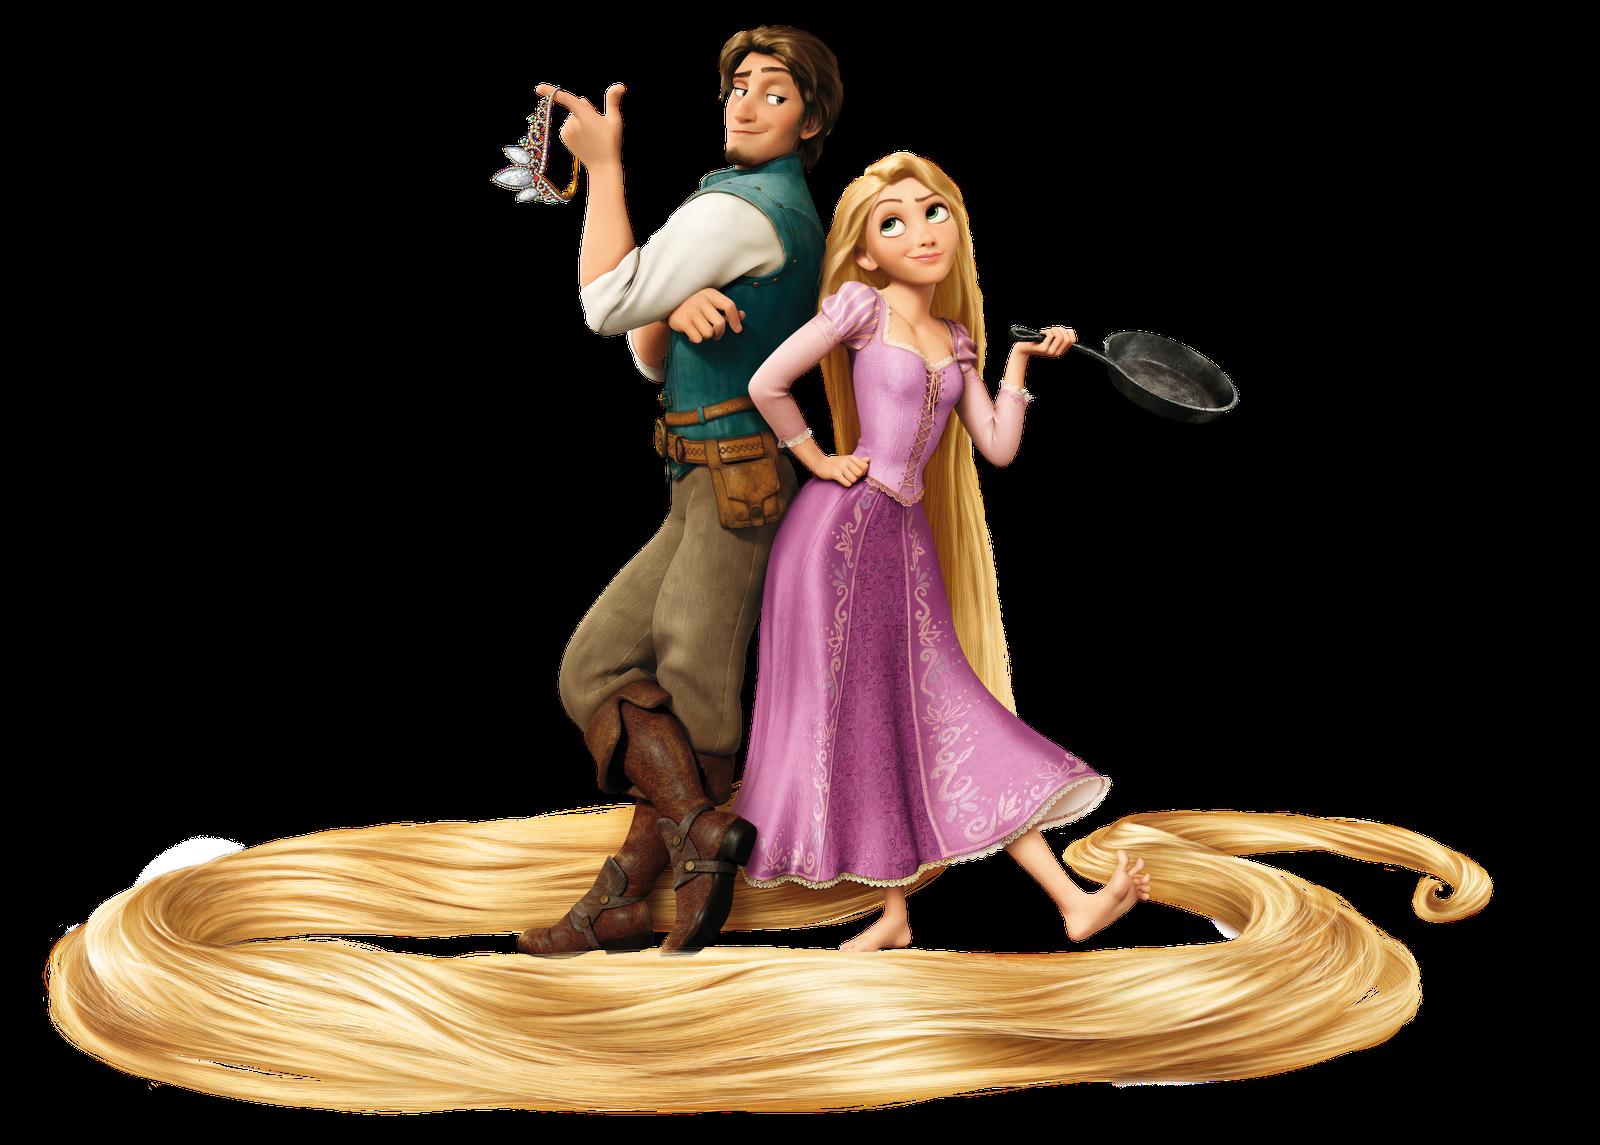 image   flynn and rapunzel png disney wiki fandom